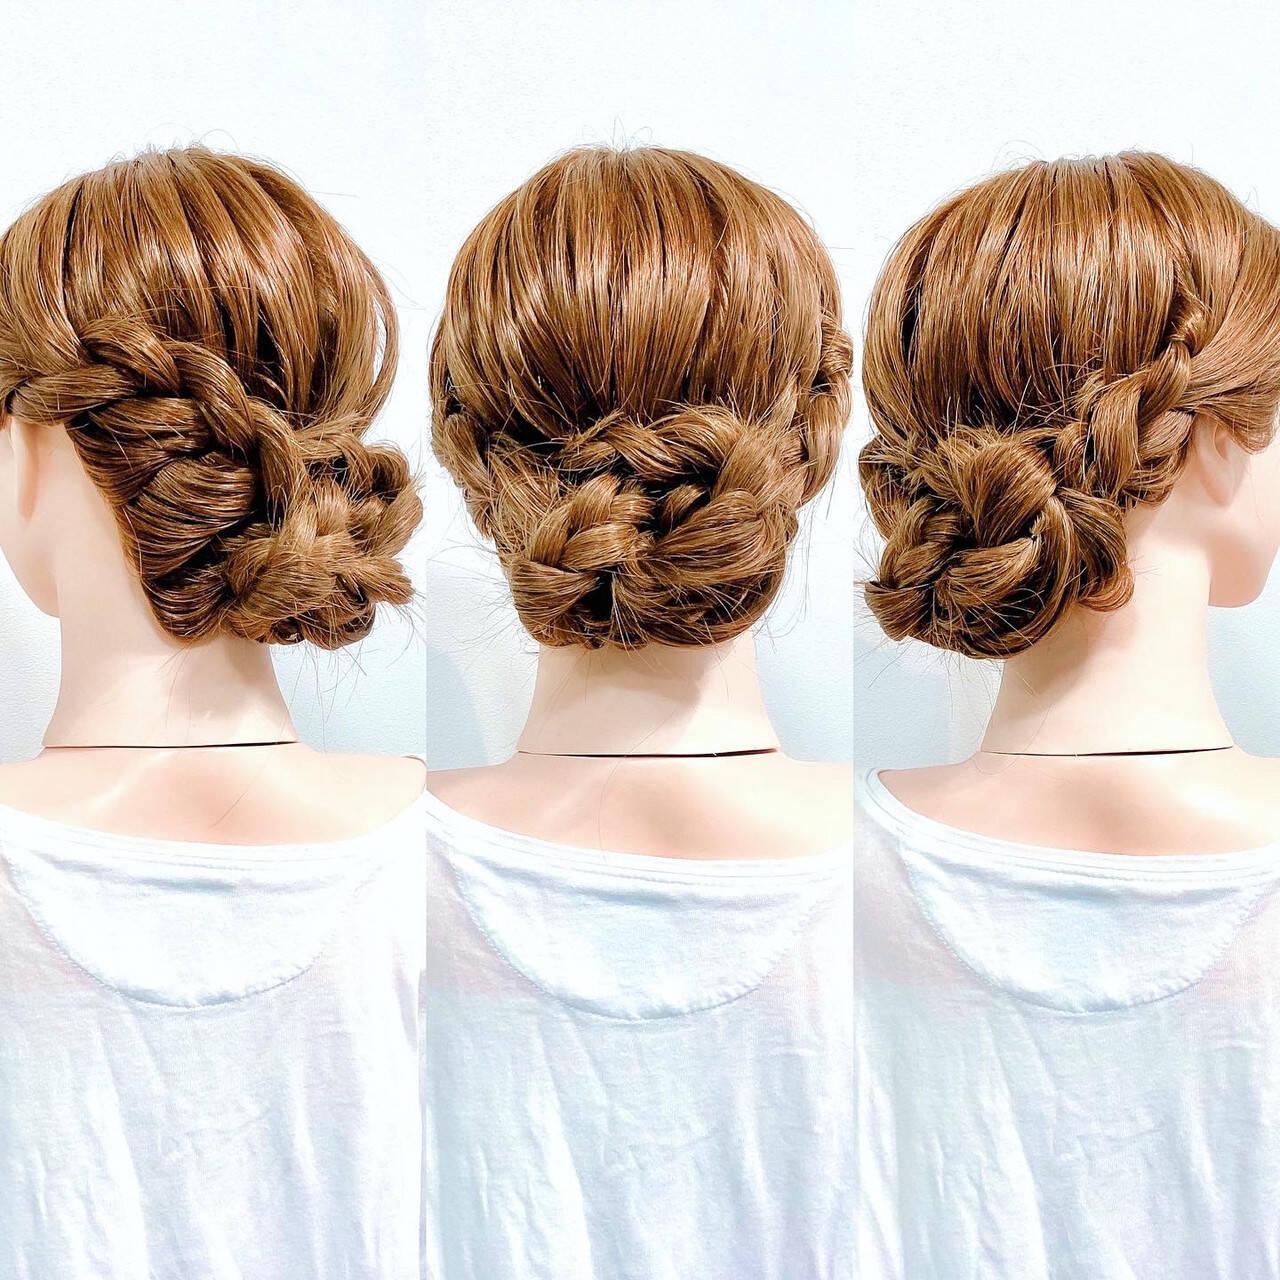 アップスタイル 三つ編み ヘアセット フェミニンヘアスタイルや髪型の写真・画像